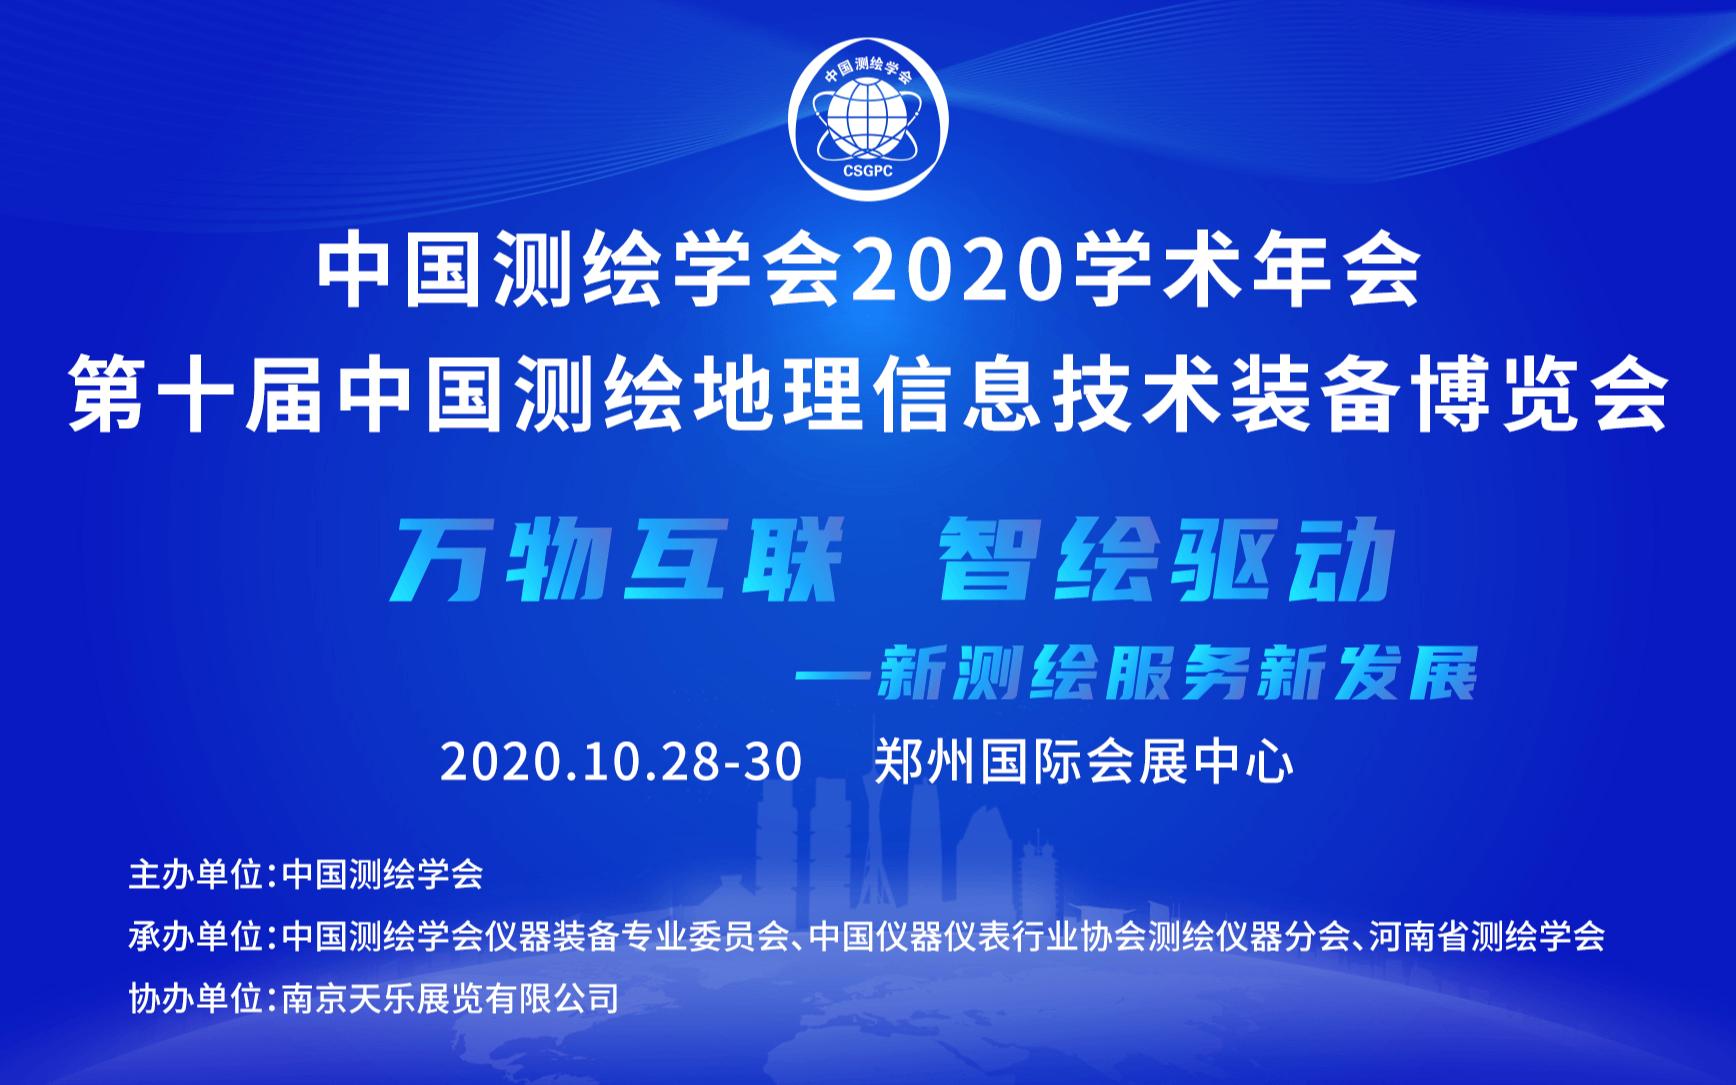 中国测绘学会2020学术年会暨第十届测绘地理信息技术装备展